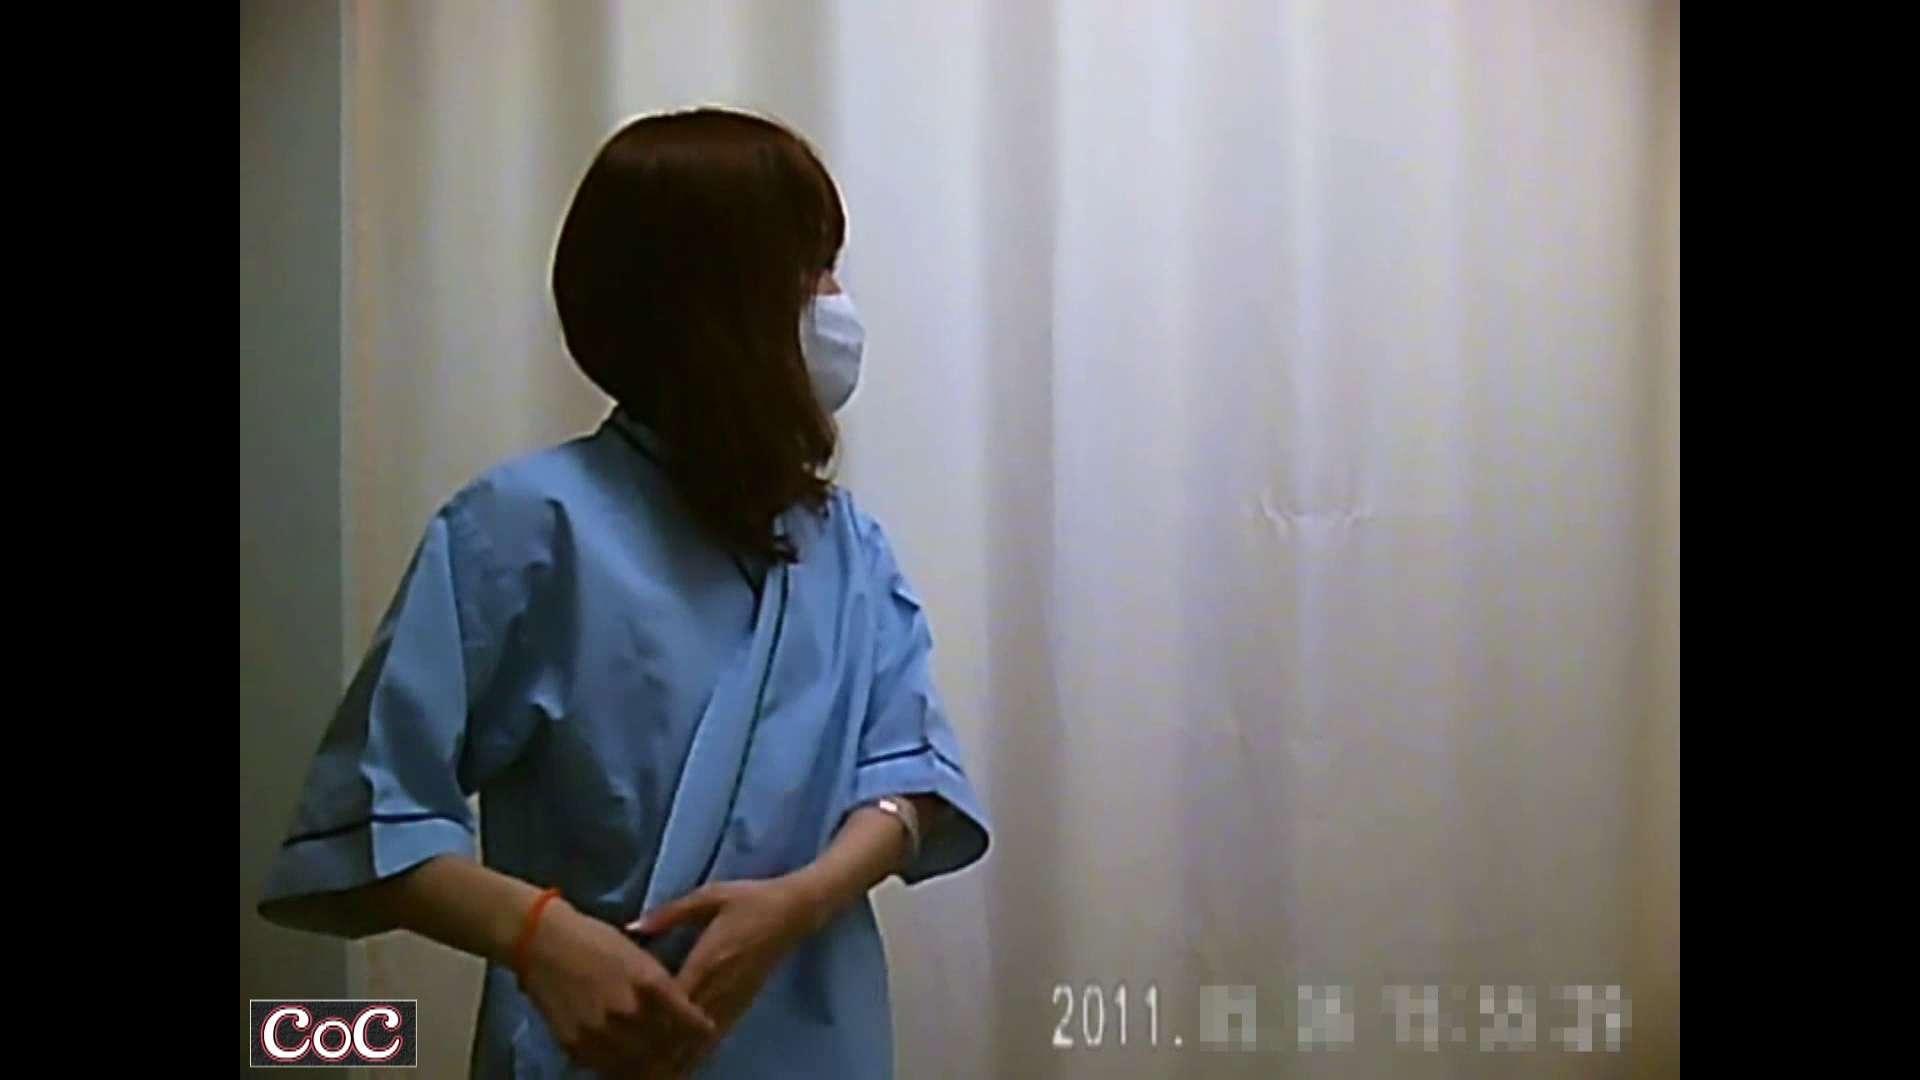 元医者による反抗 更衣室地獄絵巻 vol.284 OL   0  89連発 31